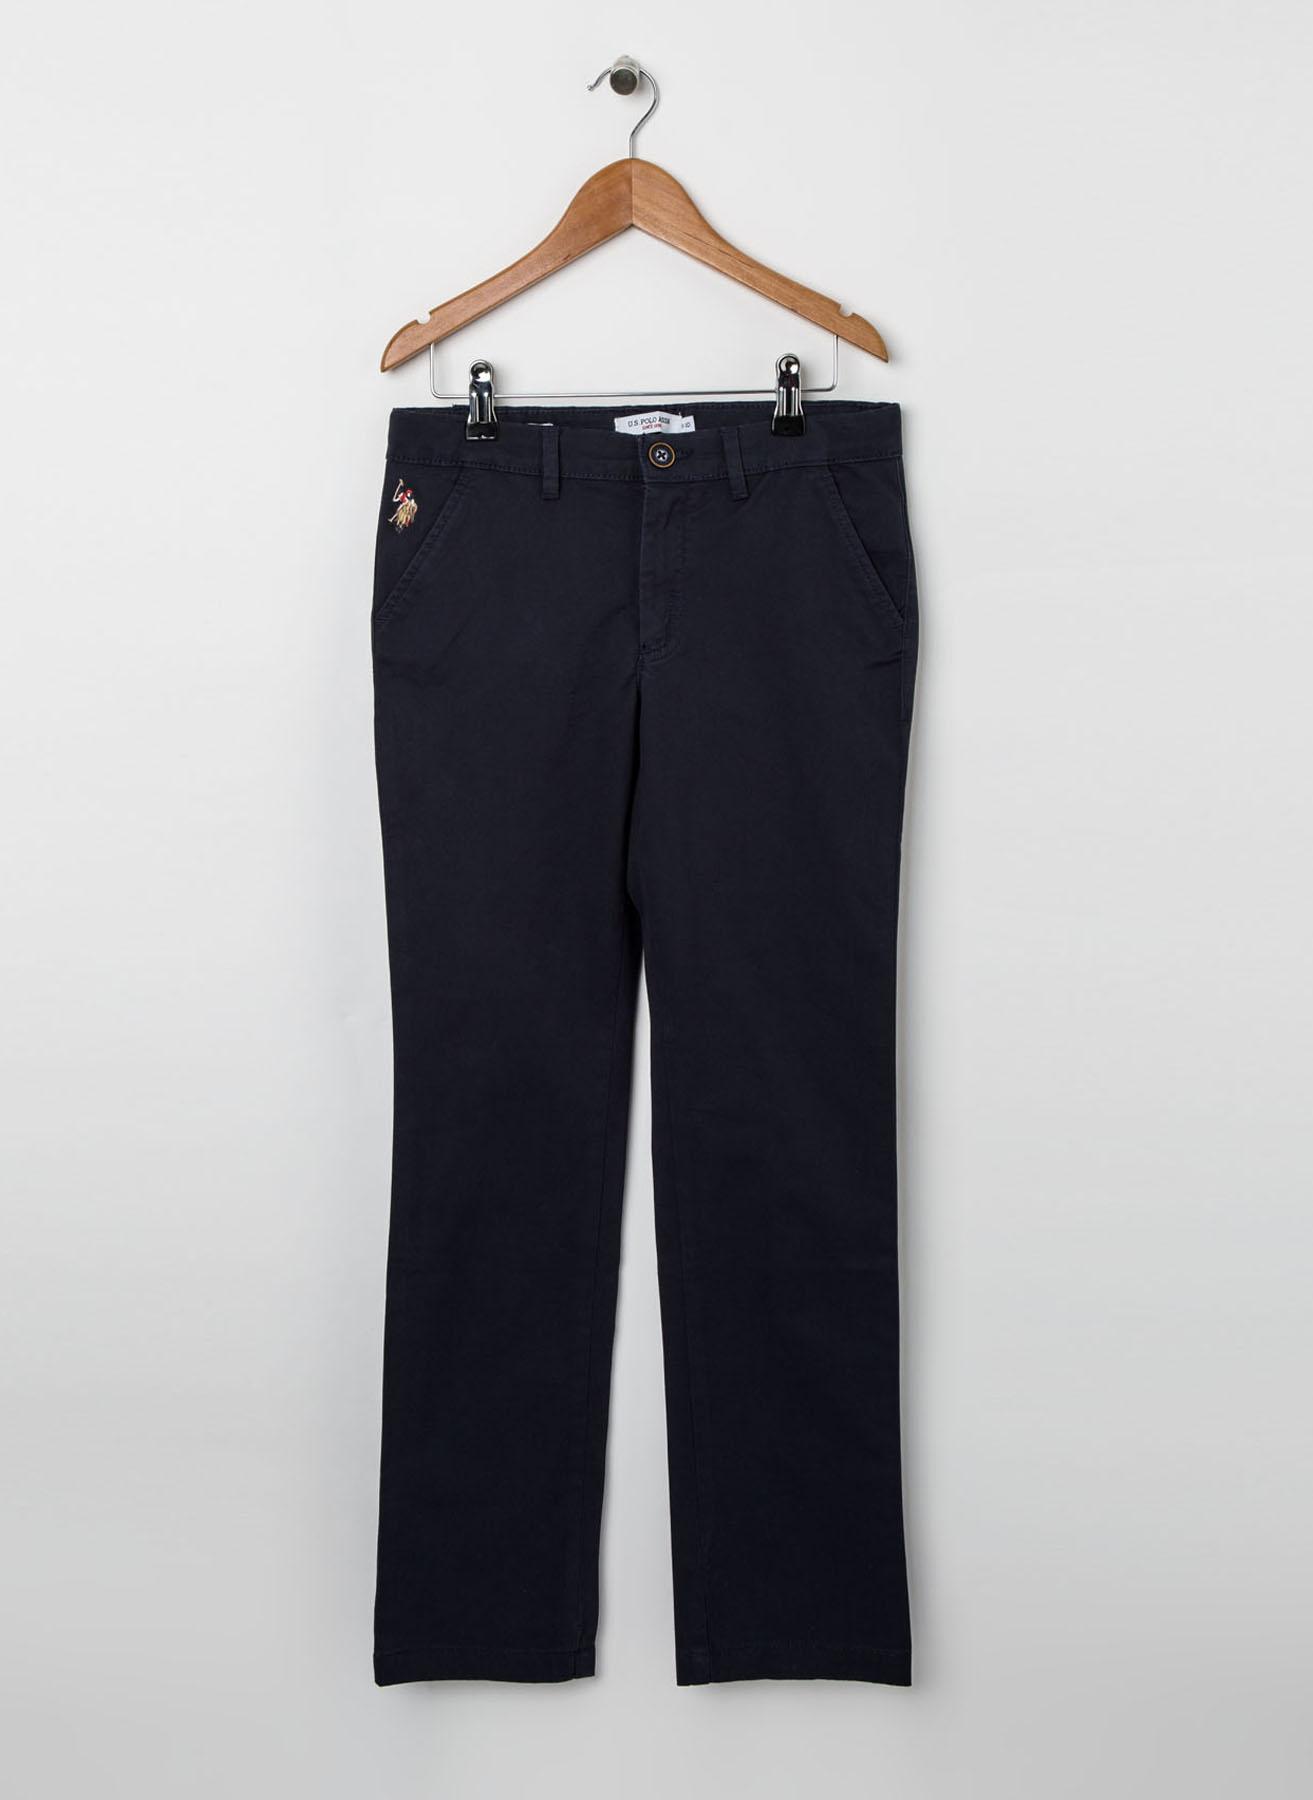 U.S. Polo Assn. Genç Erkek Lacivert Pantolon 10 Yaş 5001597537001 Ürün Resmi